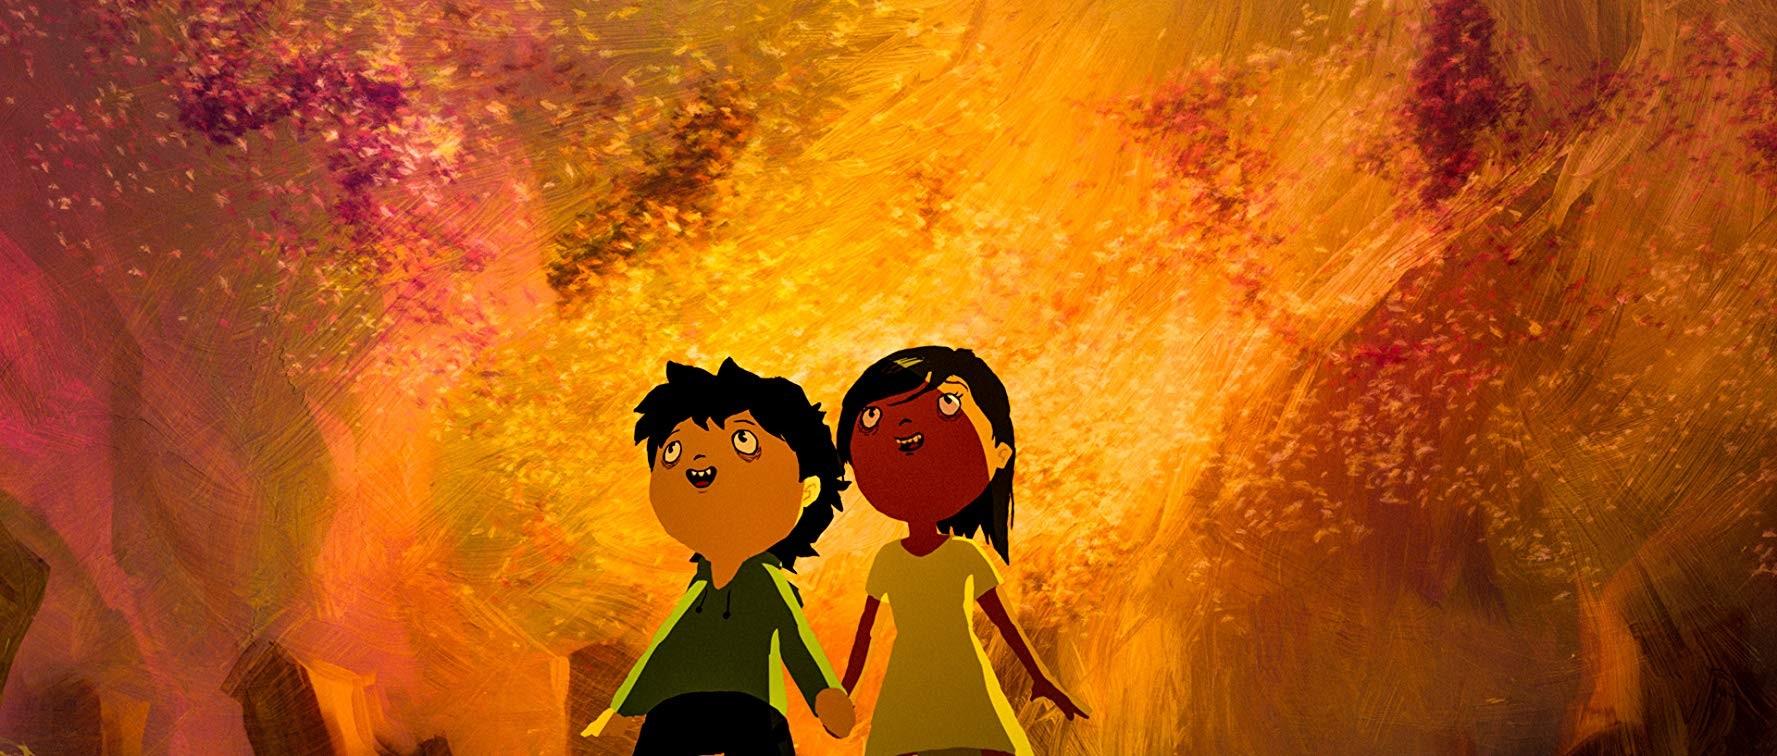 Tito e os Pássaros: animação aposta em criatividade ao falar sobre medo  para crianças - Revista Crescer | Filmes e TV